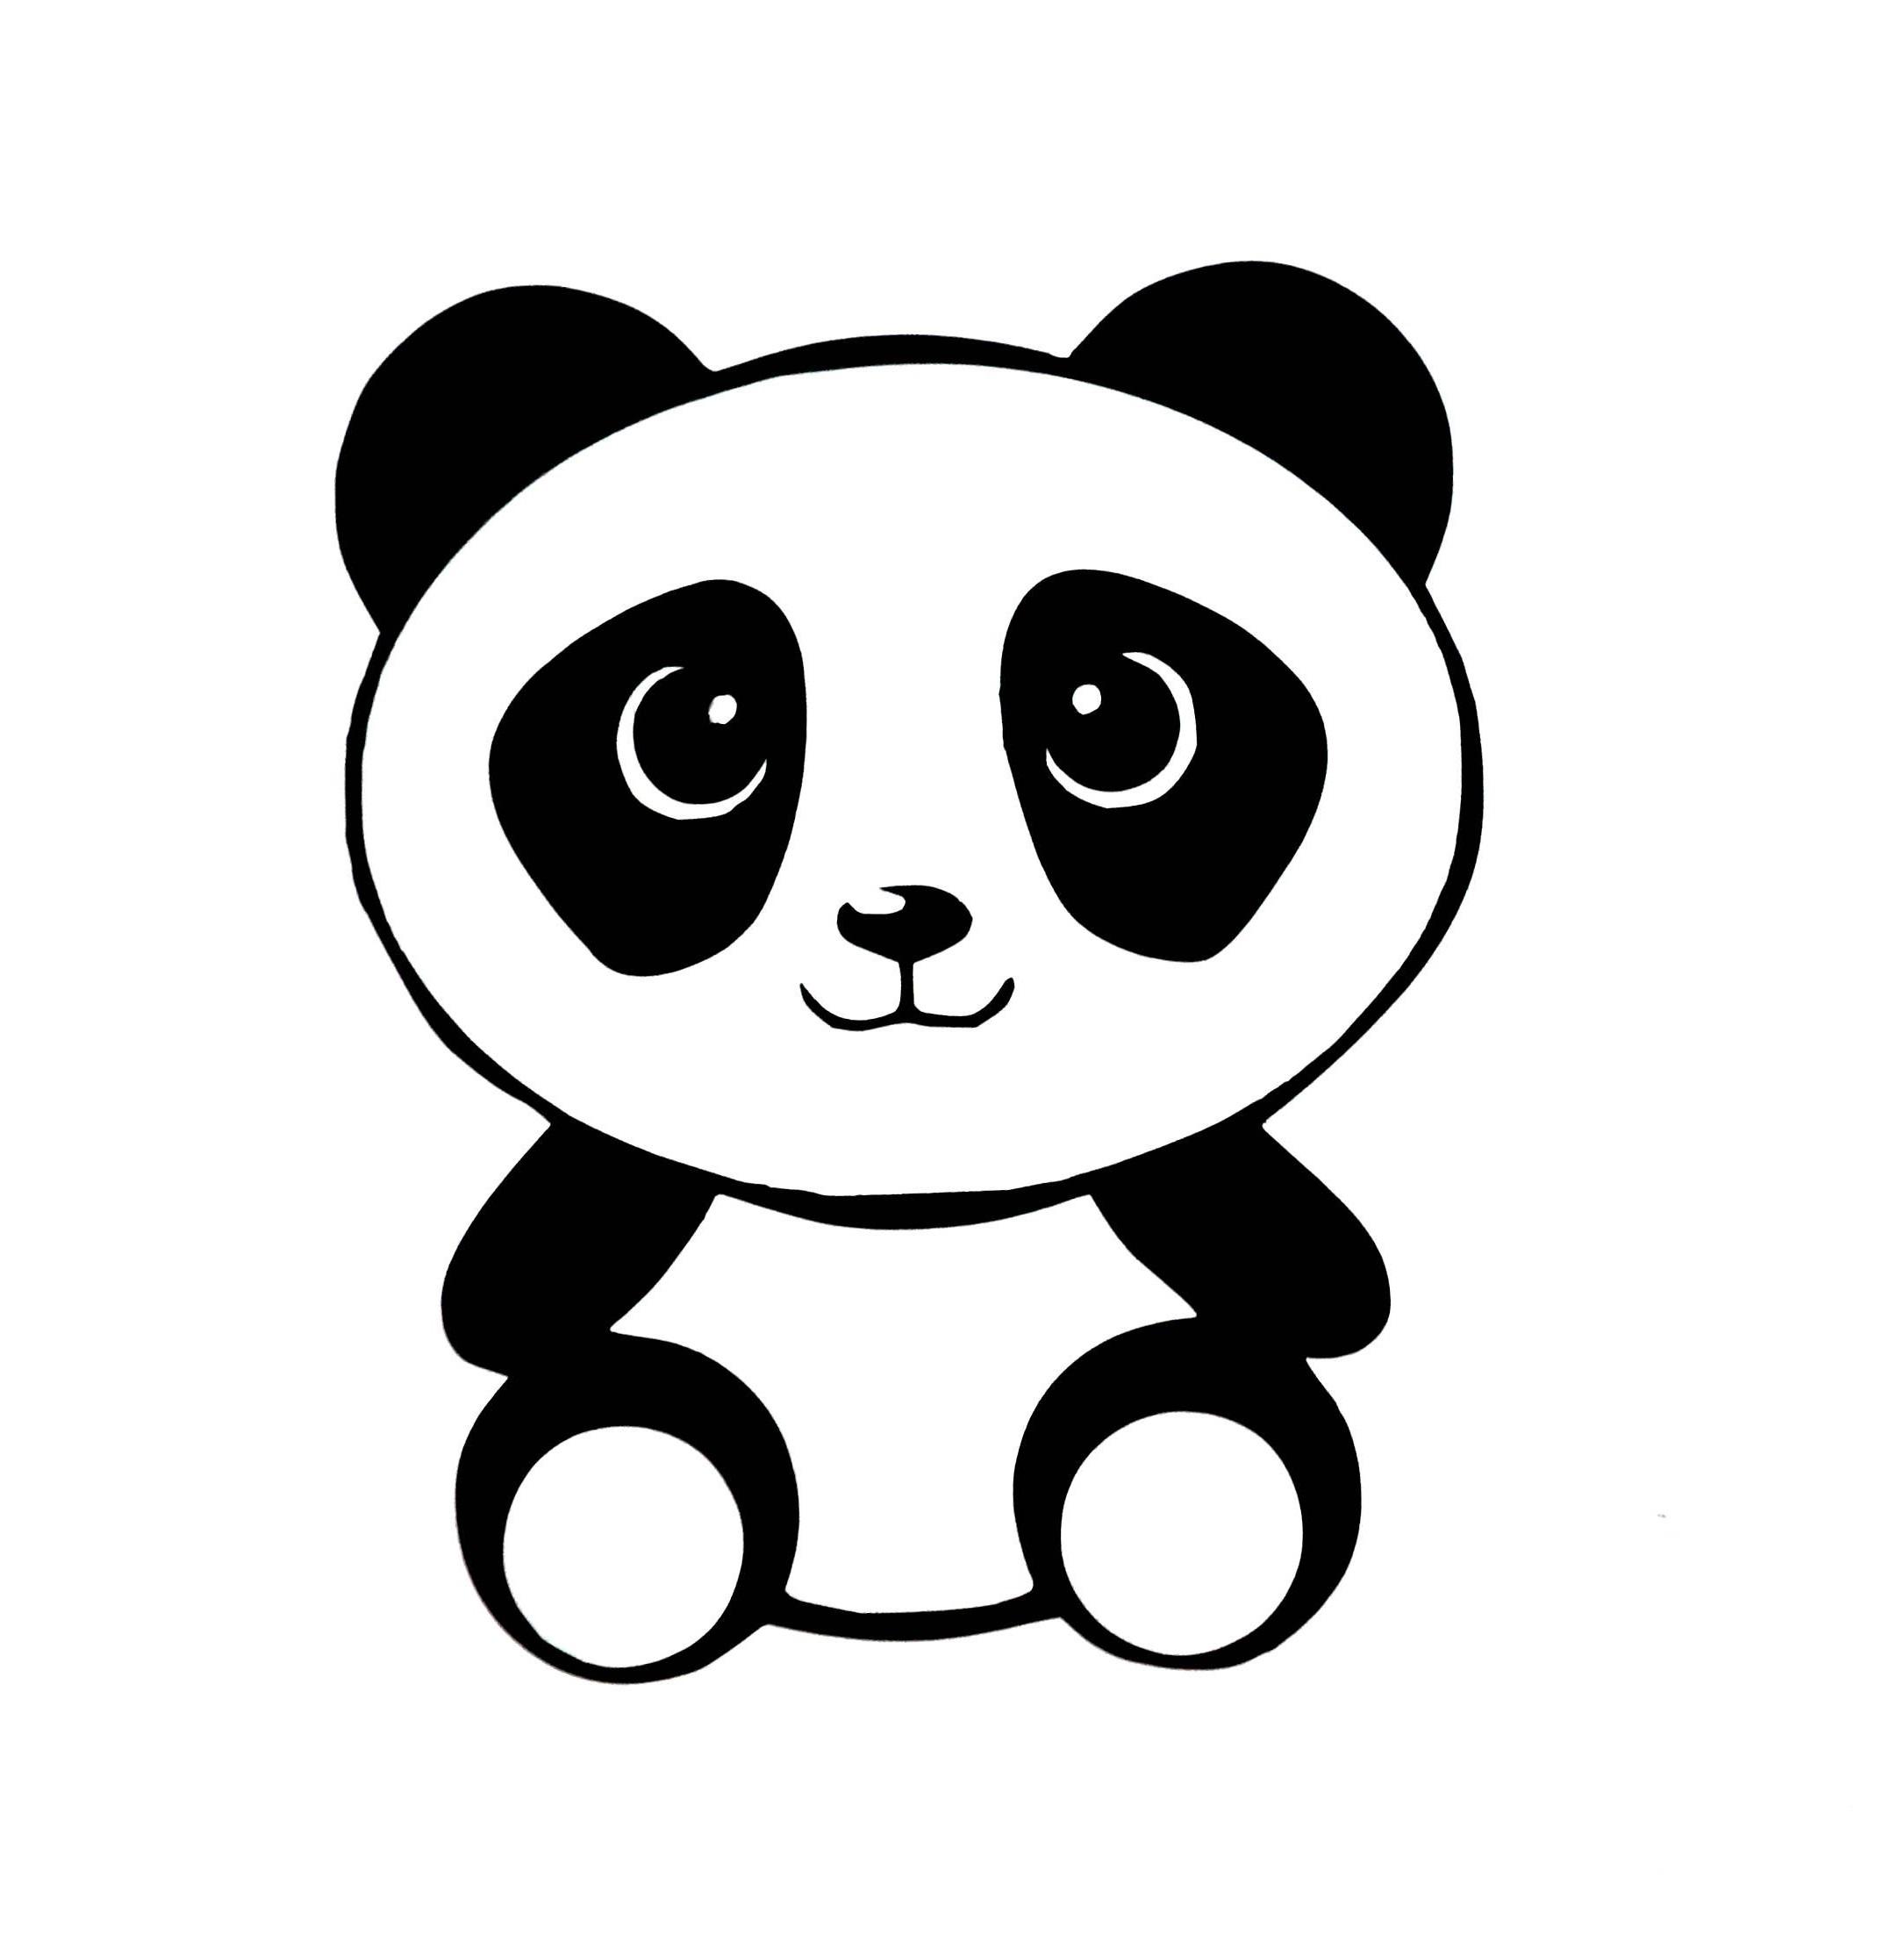 Tuto dessin facile: comment dessiner un panda étape par étape.